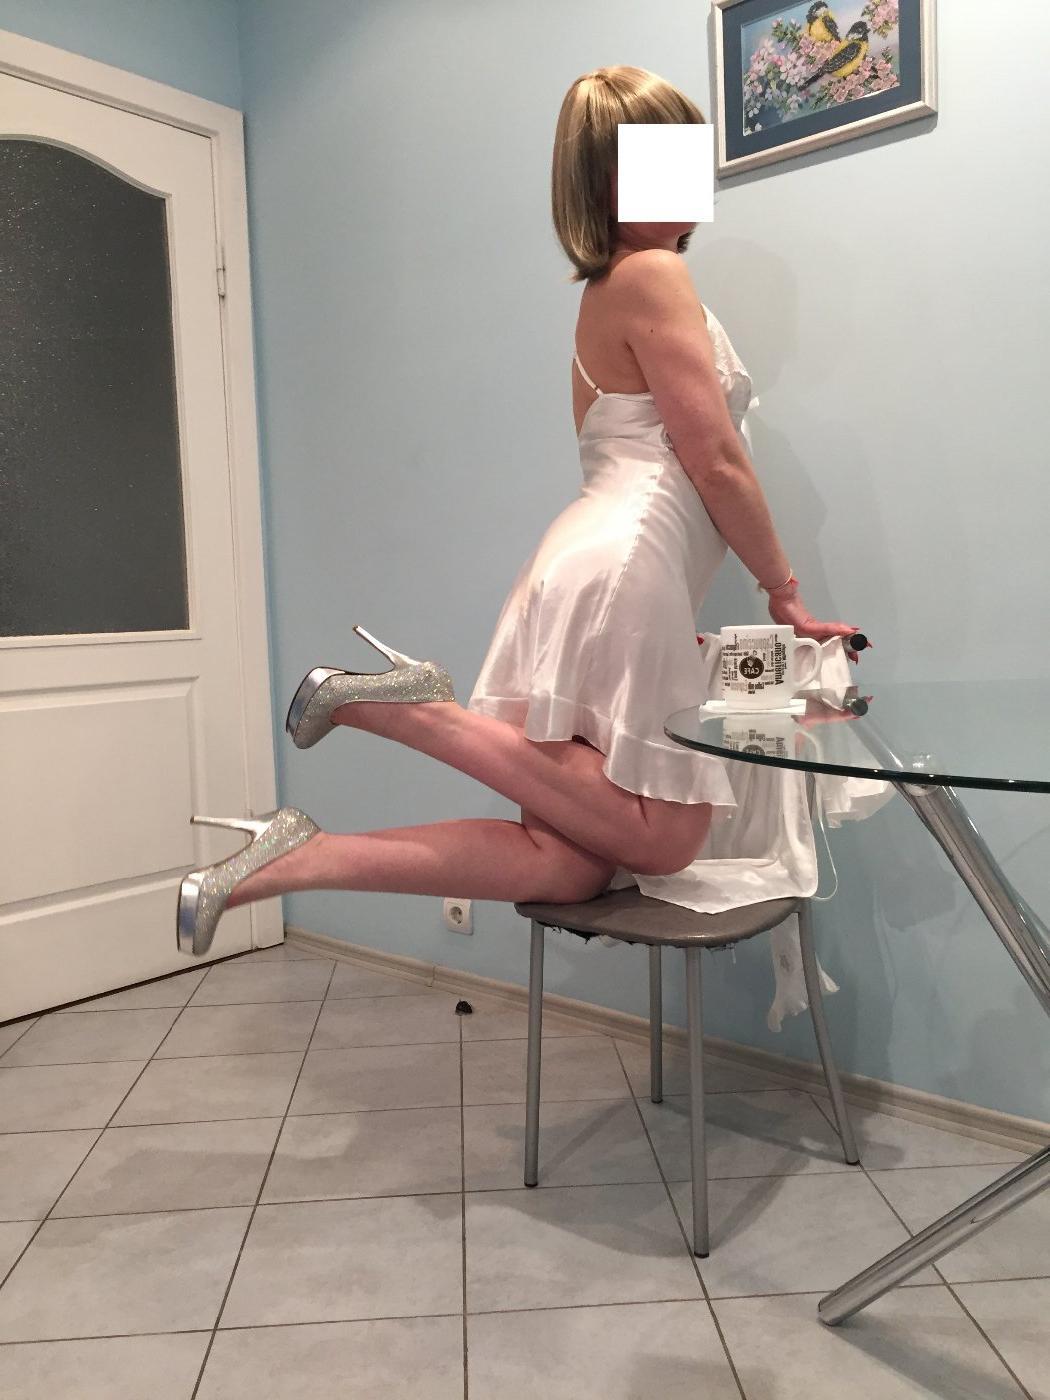 Проститутка ангелок, 23 года, метро Выставочный центр